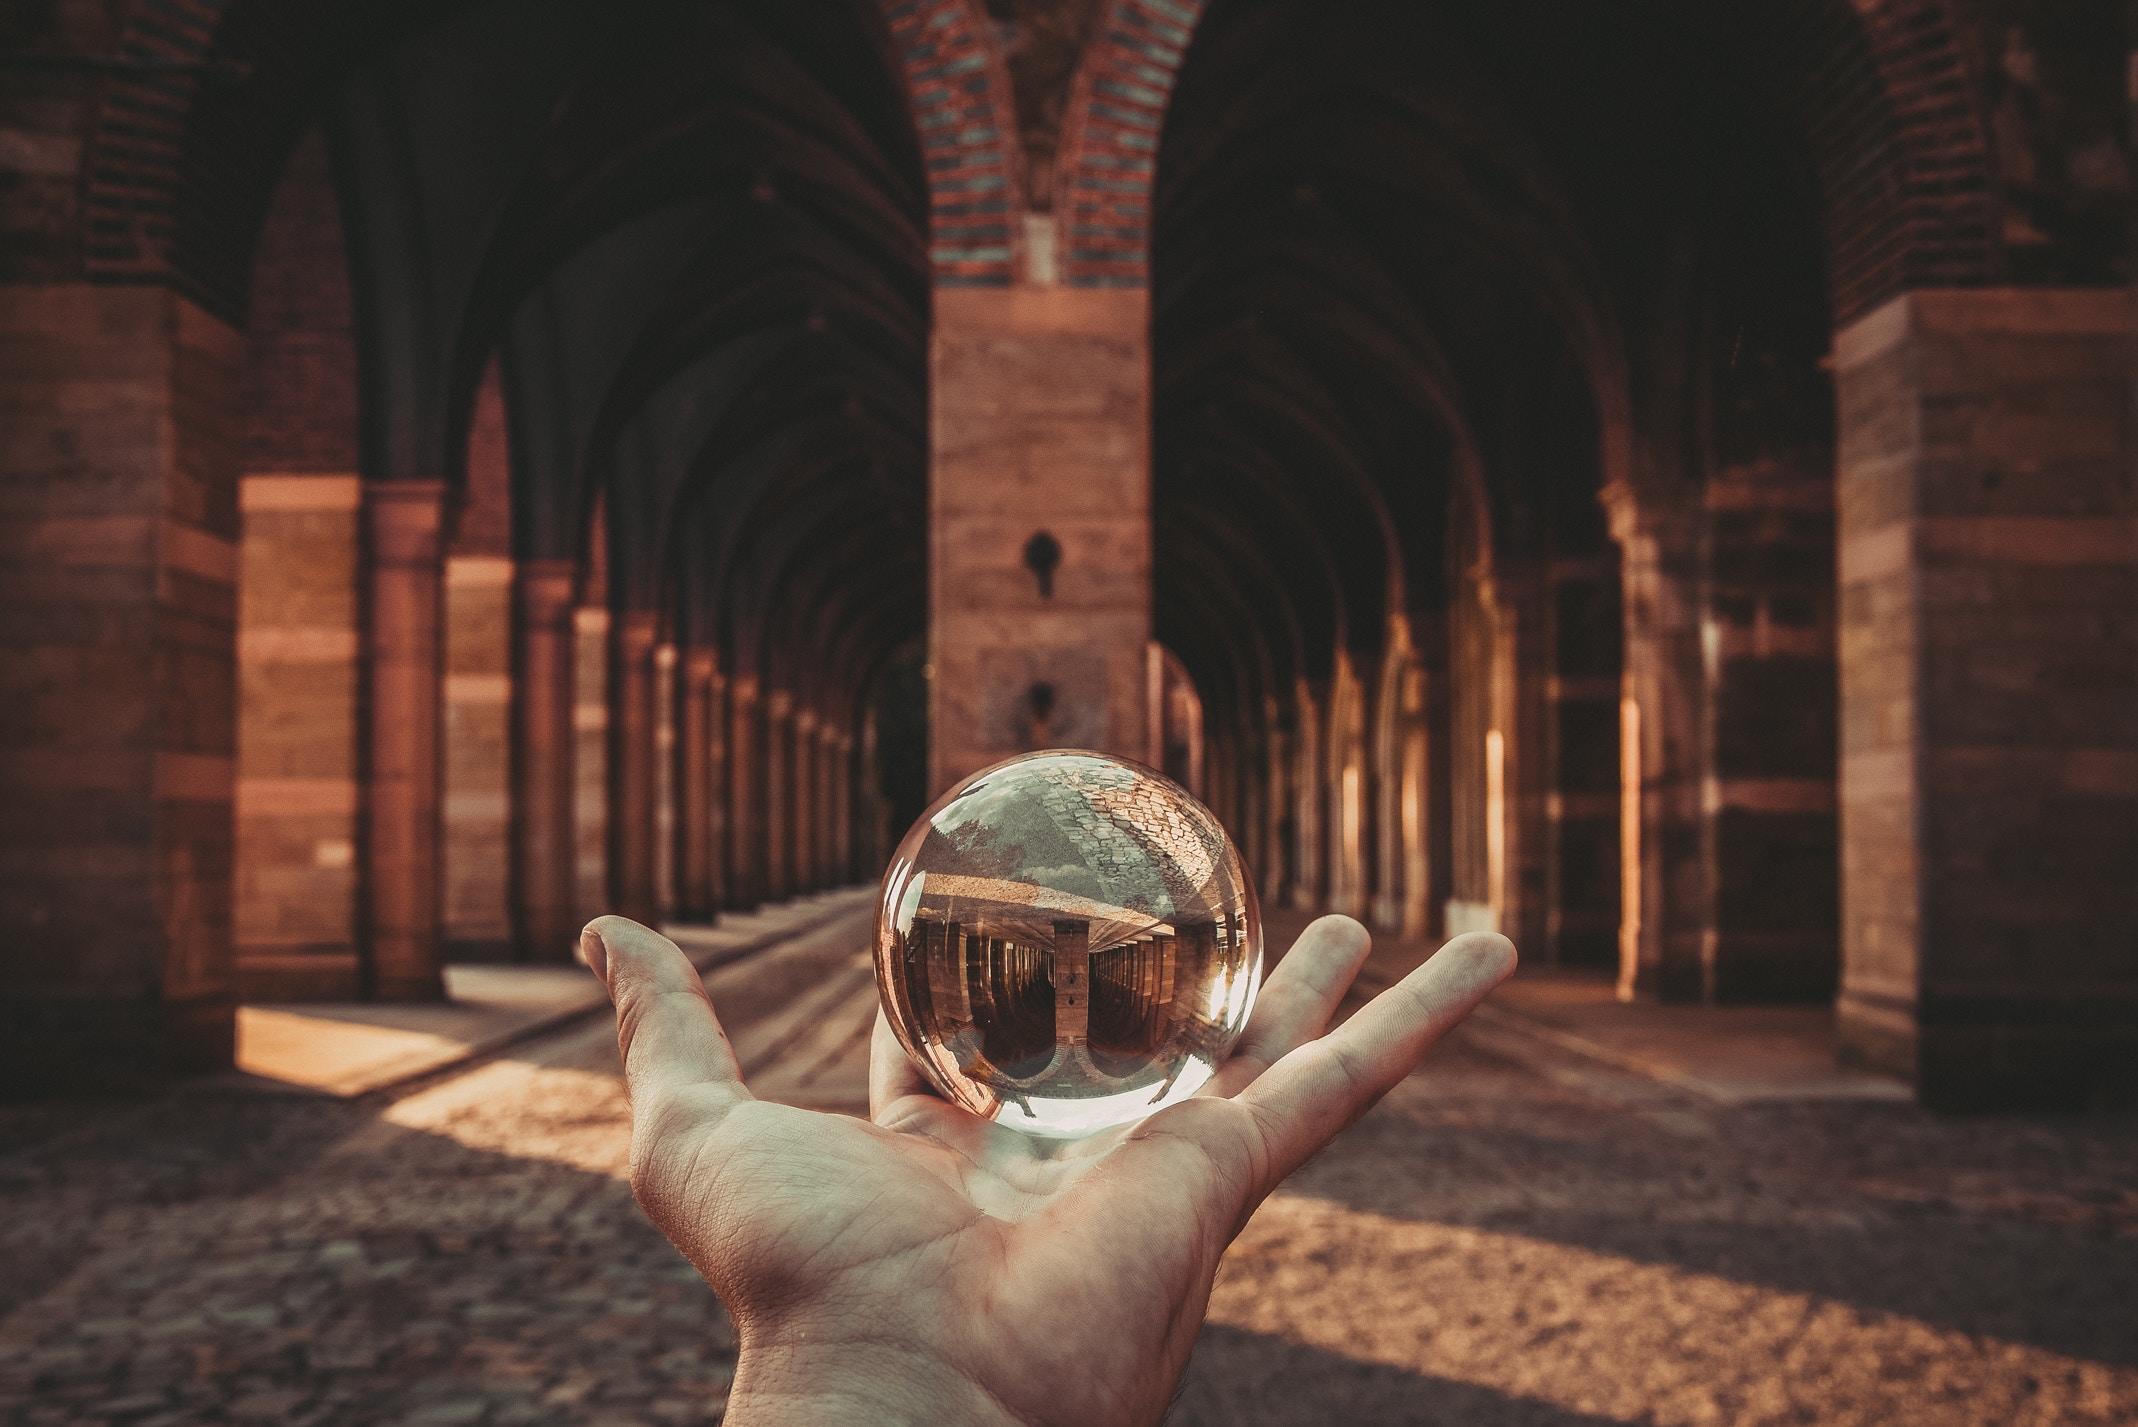 El hombre pasa una pequeña parte de su tiempo en este mundo, el lugar de las acciones, y el resto, en la Próxima Vida, el lugar de la recompensa.